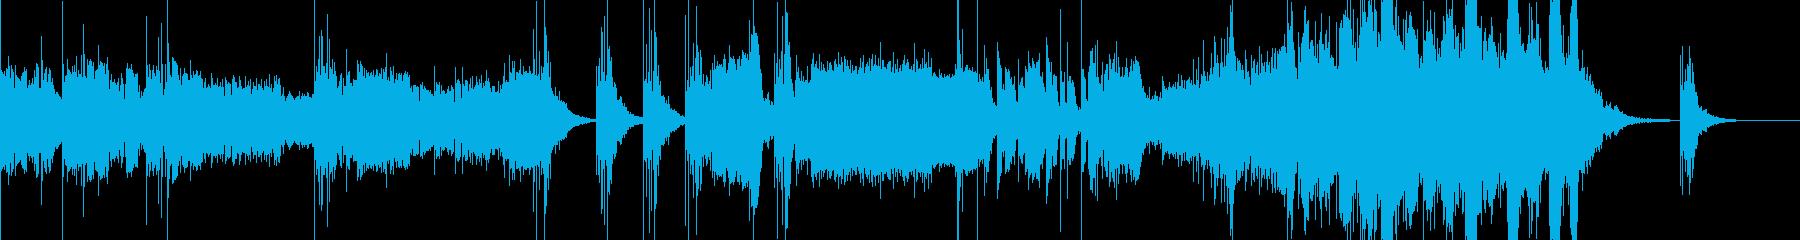 気まぐれで遊び心のあるオーケストレ...の再生済みの波形